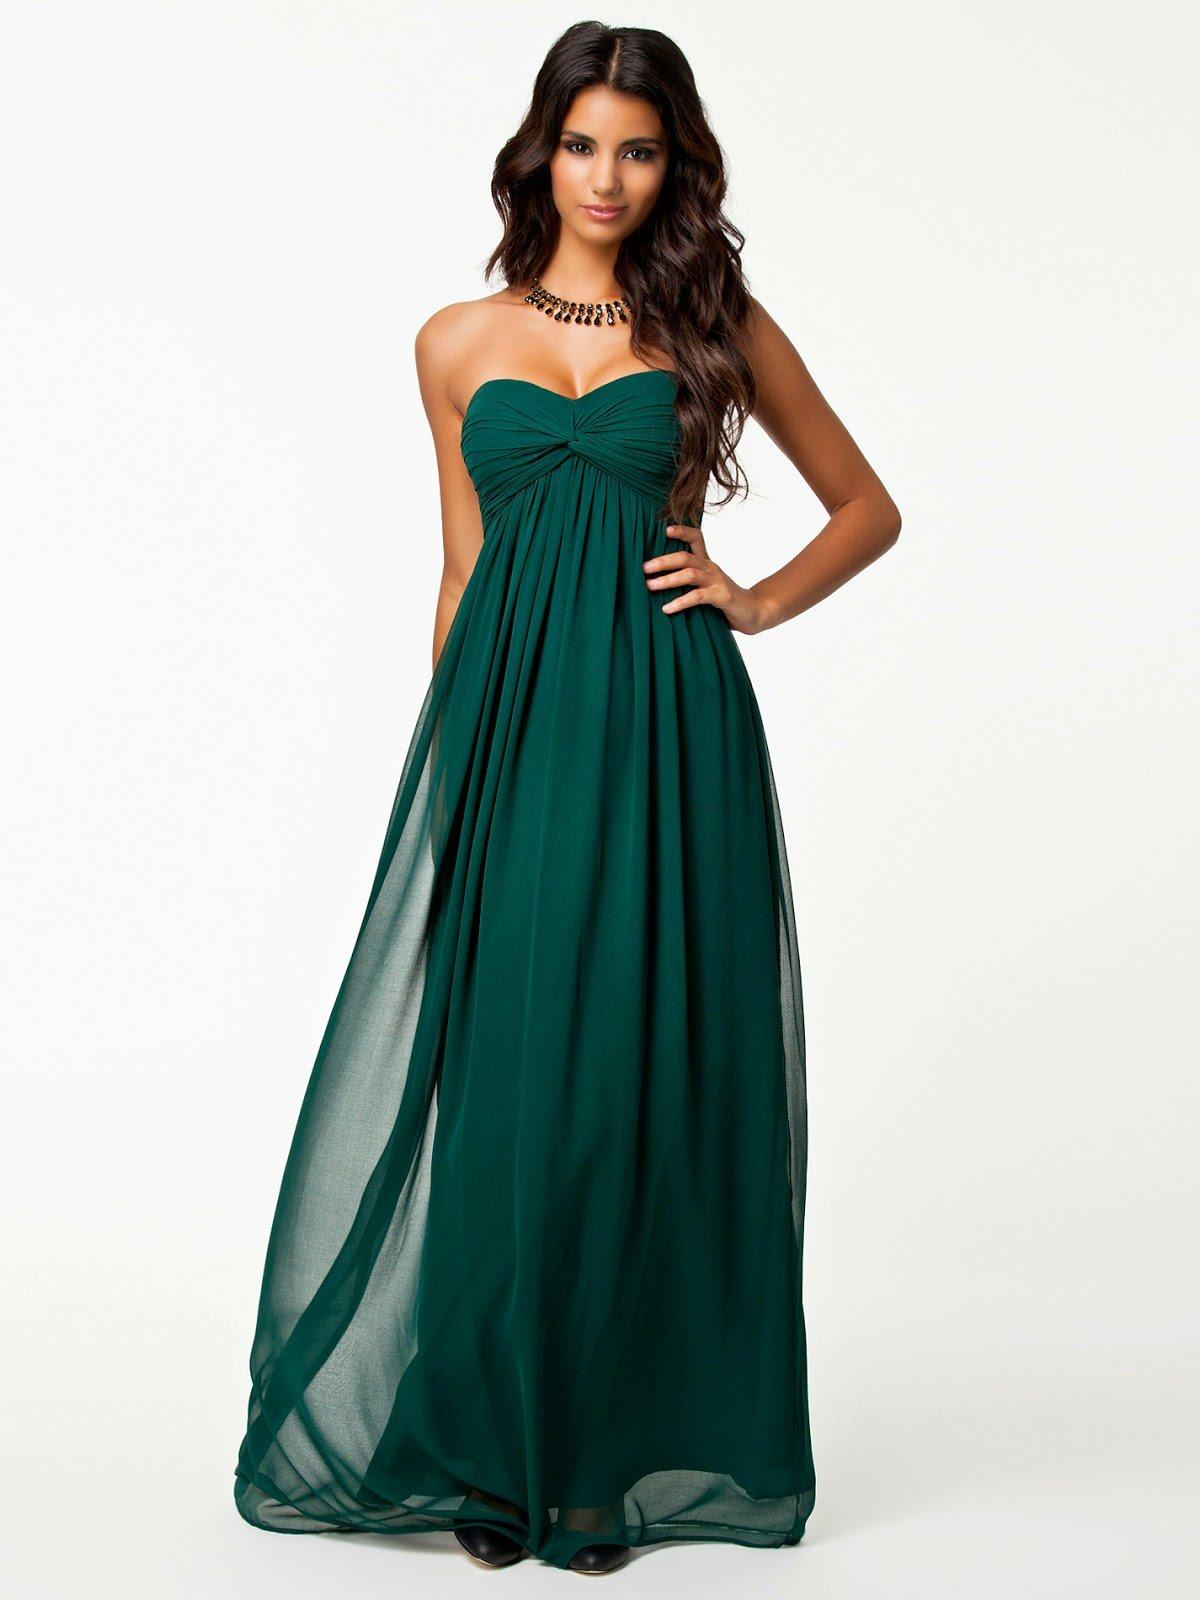 49a6667375f Темно-зеленое платье без бретелей А-силуэта » — карточка ...